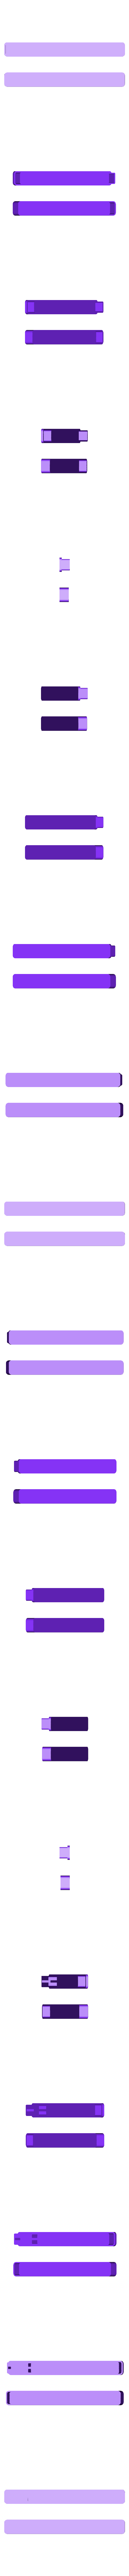 xacto_box.stl Télécharger fichier SCAD gratuit Étui personnalisable pour couteaux X-Acto • Modèle pour impression 3D, cult3dp